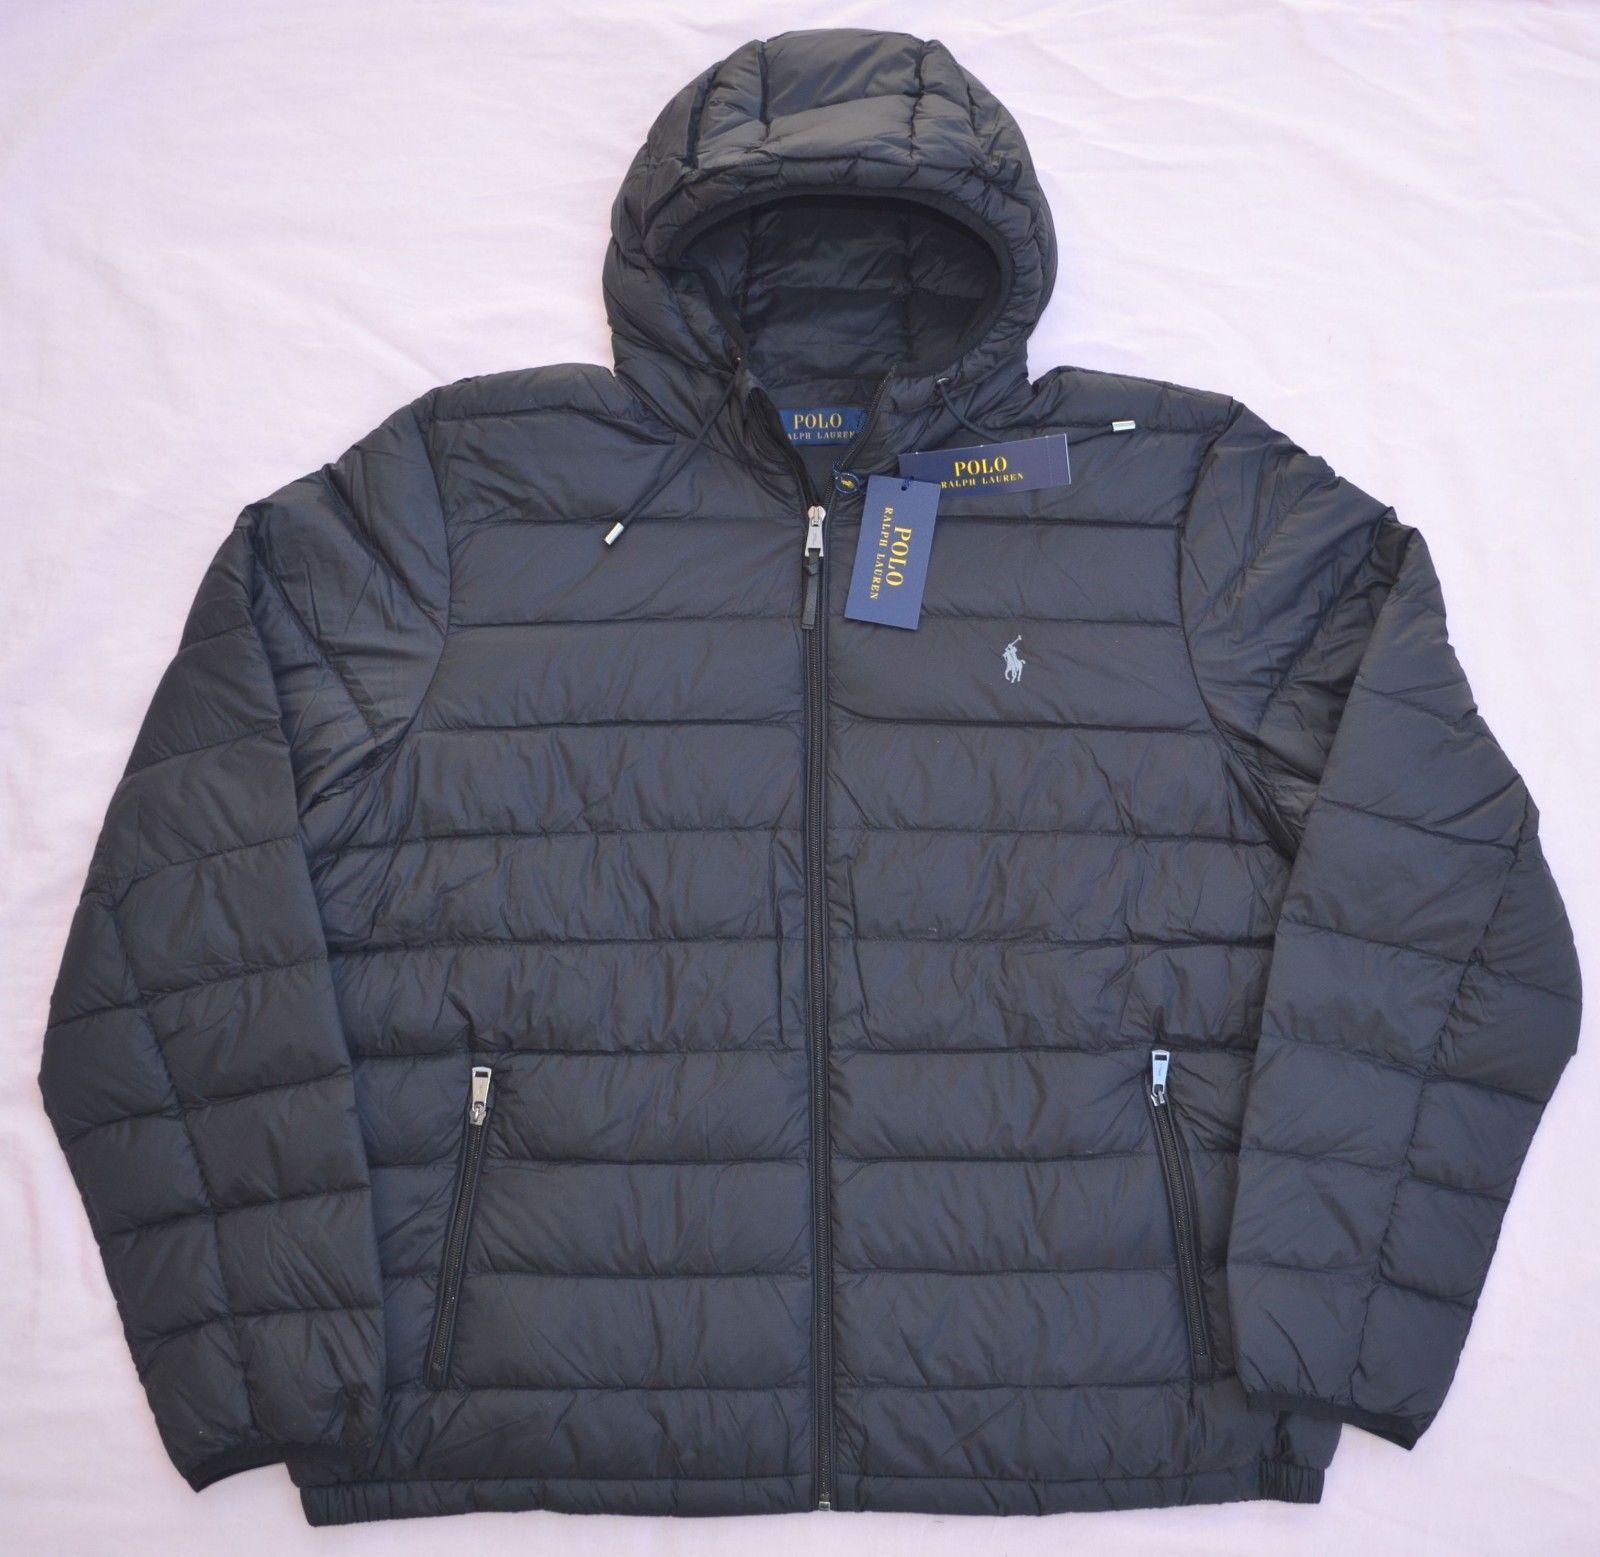 New 3xlt 3xl Tall Polo Ralph Lauren Mens Packable Down Jacket Puffer 3xt Black Mens Outfits Black Winter Coat Polo Ralph Lauren Mens [ 1557 x 1600 Pixel ]